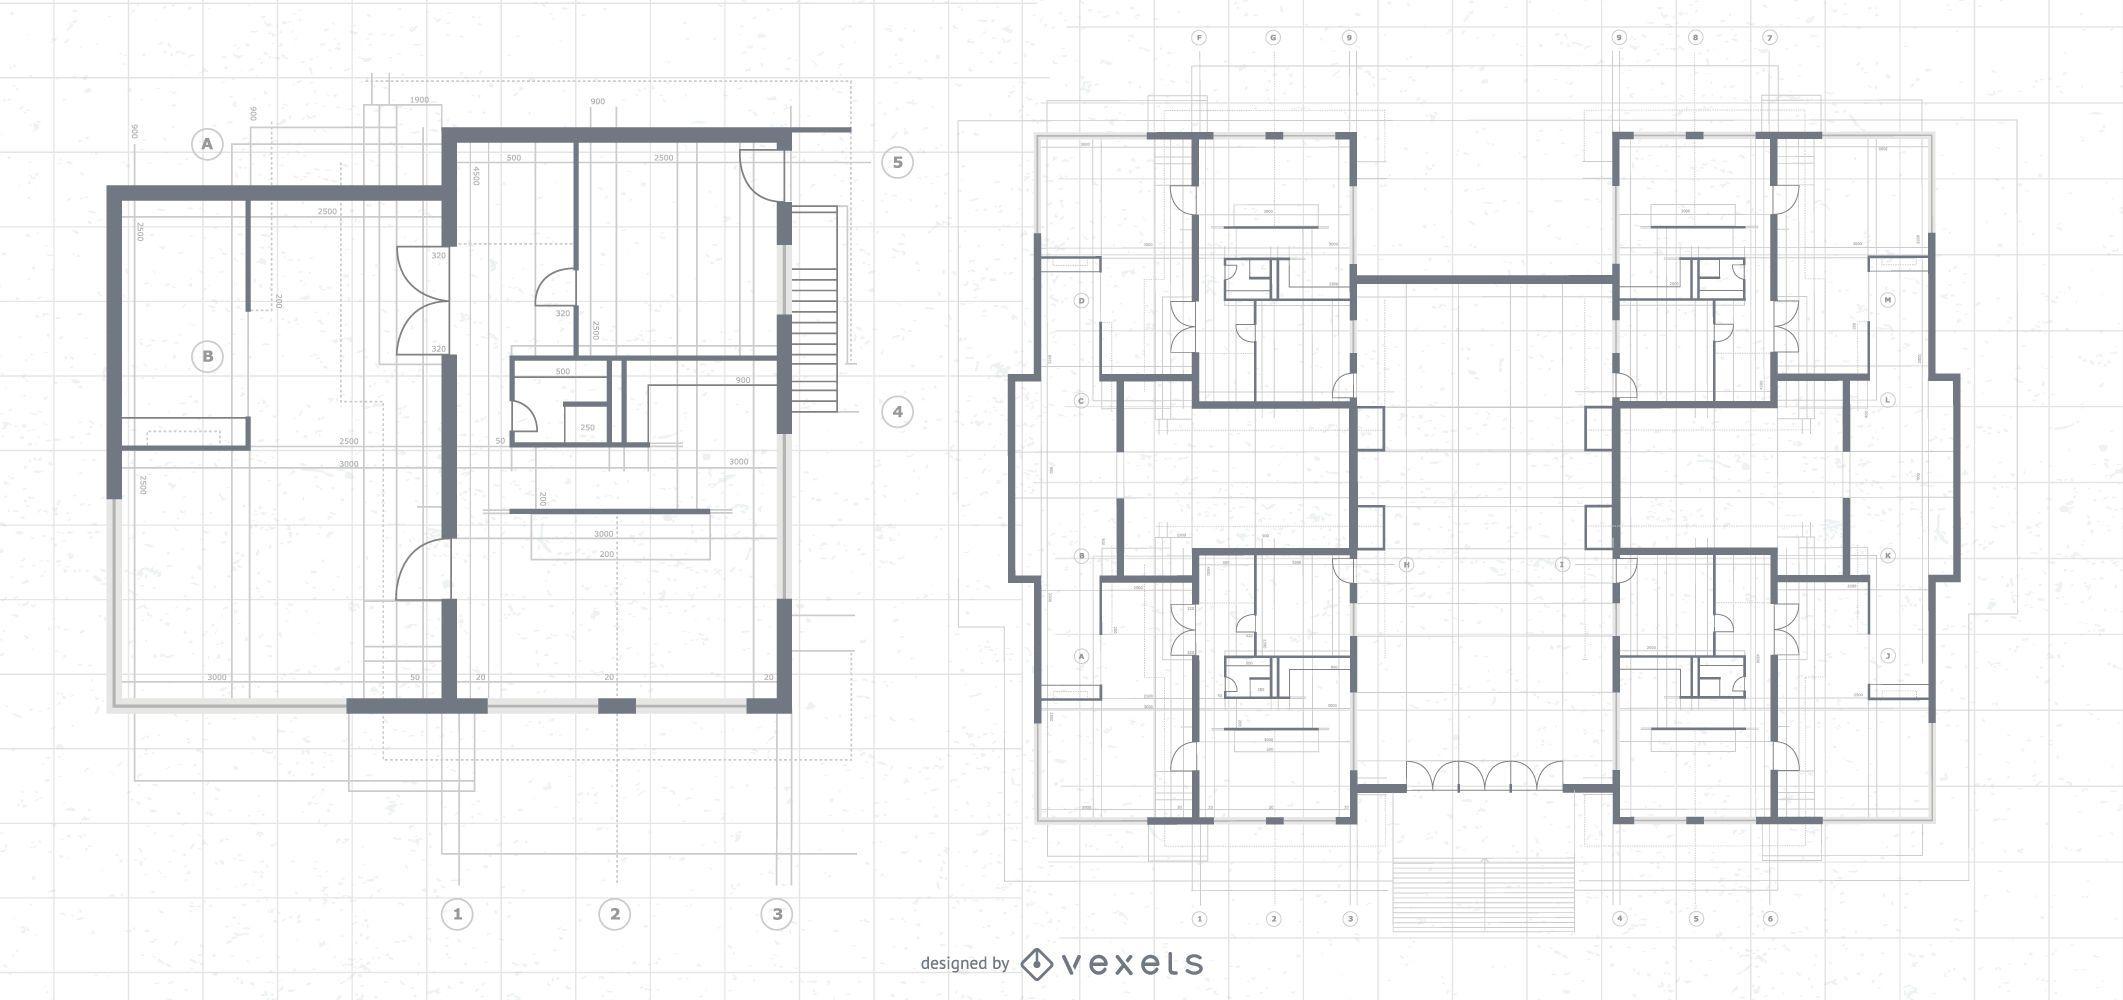 Projeto arquitetônico da planta da mansão